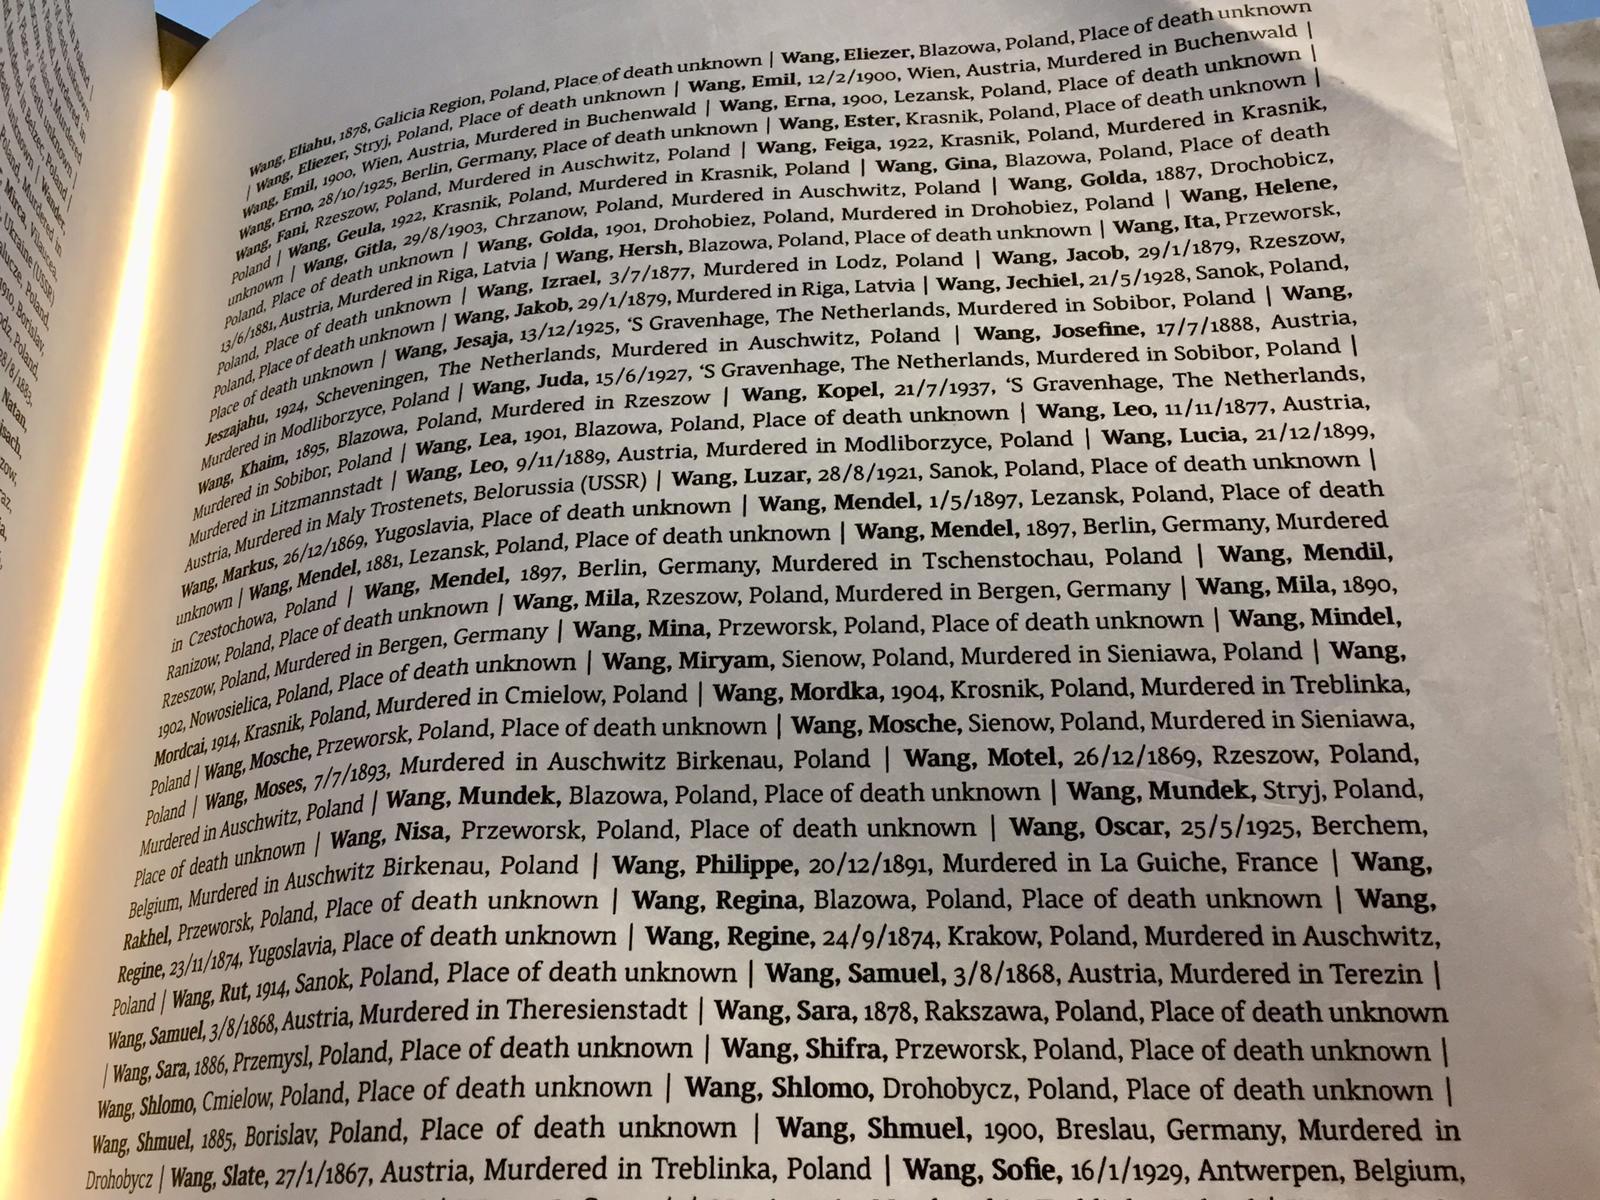 cientos de Wang registrados como víctimas de la Shoá, dos hojas y media…. estaba Zenus con los datos que yo dí a Yad Vashem, fuerte verlo escrito